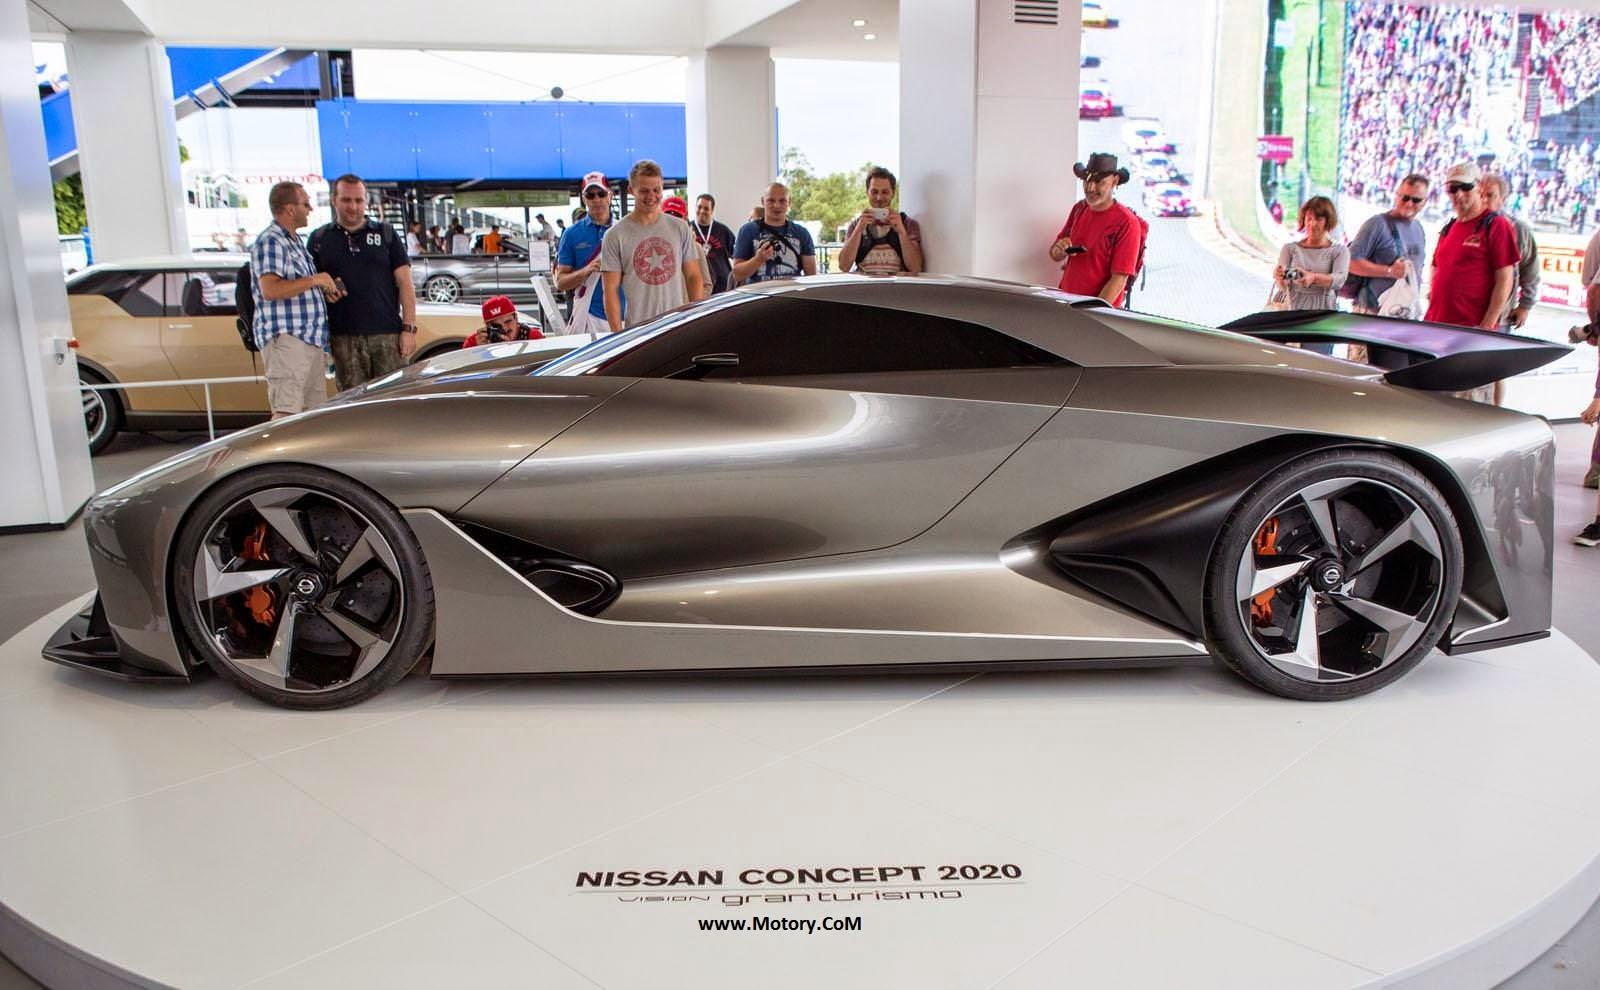 عالم السيارات الحديث: نيسان جي تي ار 2018 تكشف عن قوتها ...